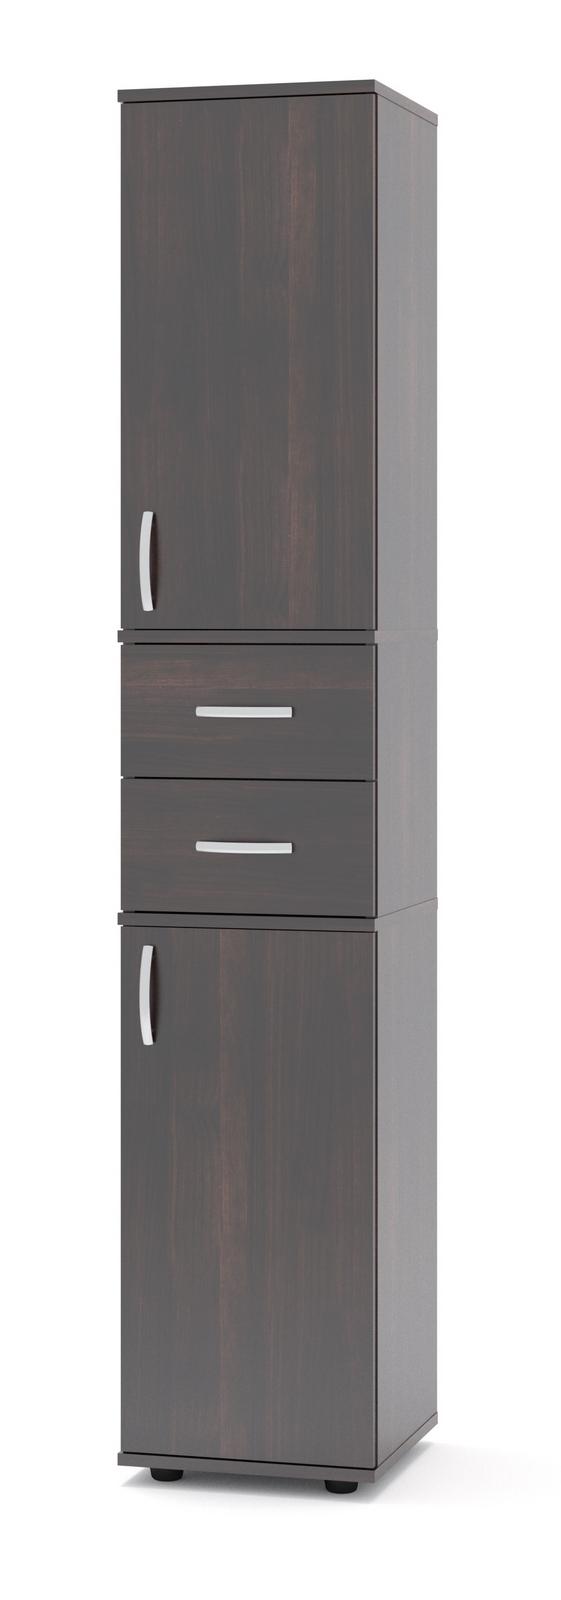 Стеллаж Сокол ШУ-14 ВенгеСтеллажи для офиса<br>Габаритные размеры ВхШхГ 1827x342x372 мм. Стеллаж входит в универсальную линейку, каждая модель которой может быть дополнена дверцами (сверху и снизу) и ящиками (по центру).  Для этого на боковых стенках есть присадки (небольшие несквозные углубления), которые предназначены для крепления дверей и ящиков.  В каталоге вы можете выбрать наиболее подходящую комплектацию.  Модель ШУ-14 полностью закрыта, поставляется с верхними и нижними дверками, и двумя ящиками. Изделие оснащено пластиковыми ножками, предотвращающими размокание ДСП вследствие влажной уборки напольного покрытия. Ручки на дверках и ящиках пластиковые.  Стеллаж универсальный, дверцы могут открываться как на правую, так и на левую сторону. Обратите внимание! Задняя стенка стеллажа с внутренней стороны выполнена из ДВП серого цвета. Корпус и полки стеллажа изготовлены из качественного ламинированного ДСП толщиной 16 мм, самого популярного материала для производства корпусной мебели, обеспечивающего необходимую прочность и долговечность деталей. Изделие поставляется в разобранном виде.  Хорошо упаковано в гофротару вместе с необходимой фурнитурой для сборки и подробной инструкцией.  Рекомендуем сохранить инструкцию по сборке (паспорт изделия) до истечения гарантийного срока.<br><br>Цвет: Венге<br>Цвет: Венге<br>Высота мм: 1827<br>Ширина мм: 342<br>Глубина мм: 372<br>Кол-во упаковок: 3<br>Форма поставки: В разобранном виде<br>Срок гарантии: 24 месяца<br>Тип: Закрытые<br>Материал: Деревянные, из ЛДСП<br>Размер: Узкие<br>Особенности: С ящиками, Дешевые